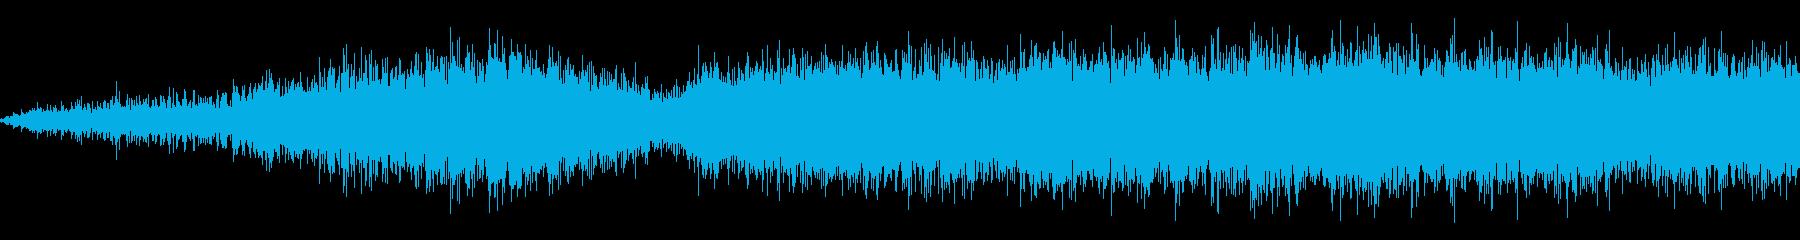 パペットマスタードリルループの再生済みの波形